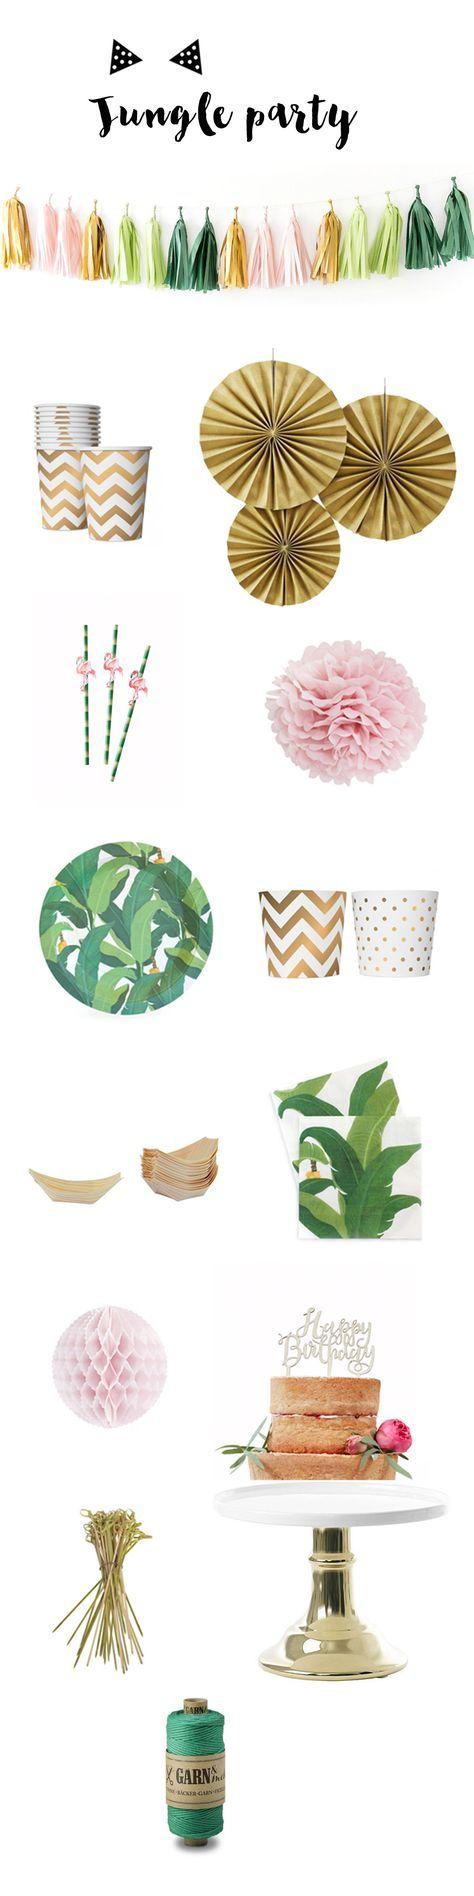 Vaisselle de table et accessoires de décoration pour une Jungle Party.